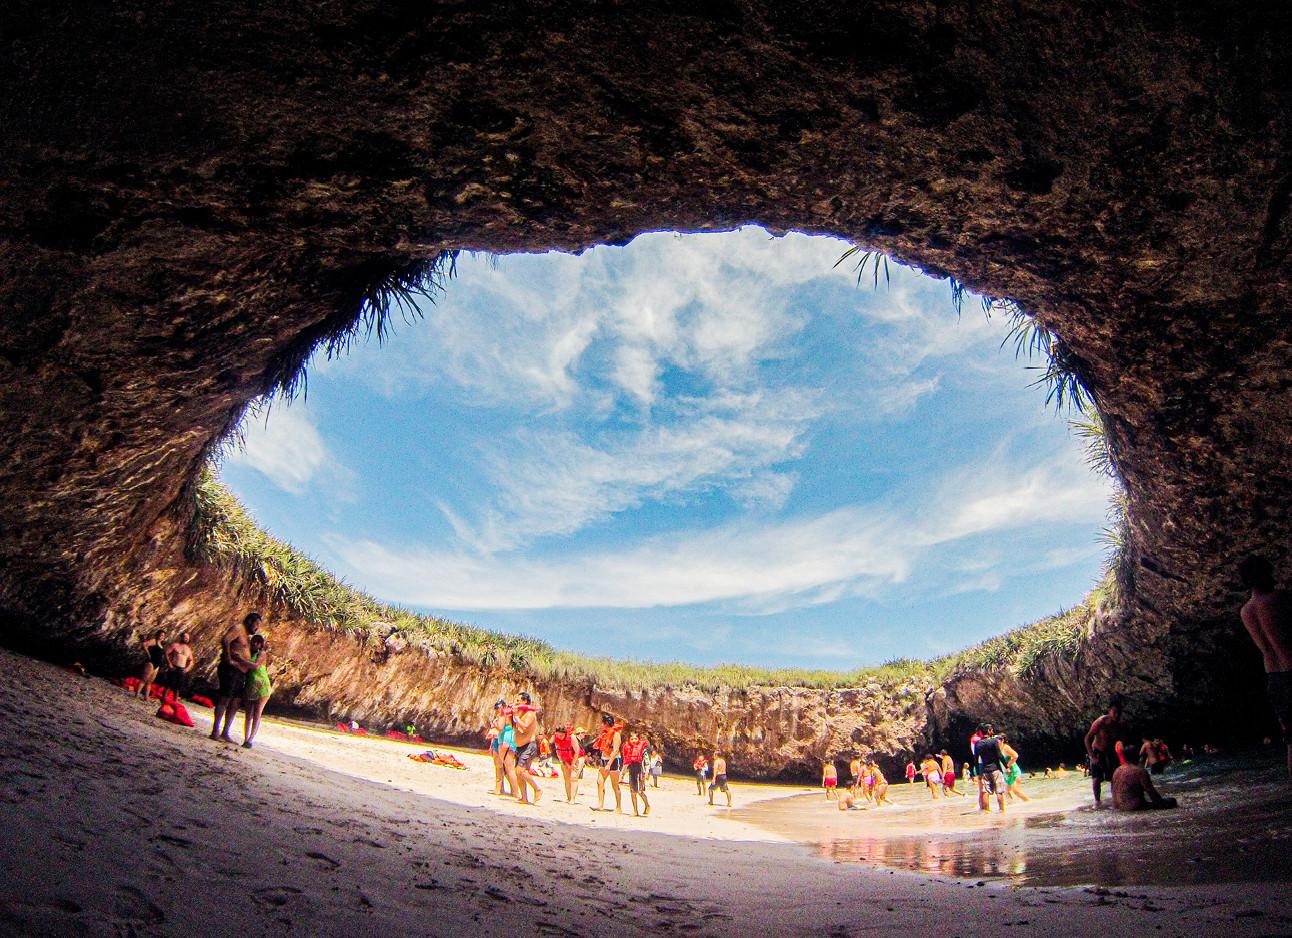 Beelden van het verborgen strand in mexico